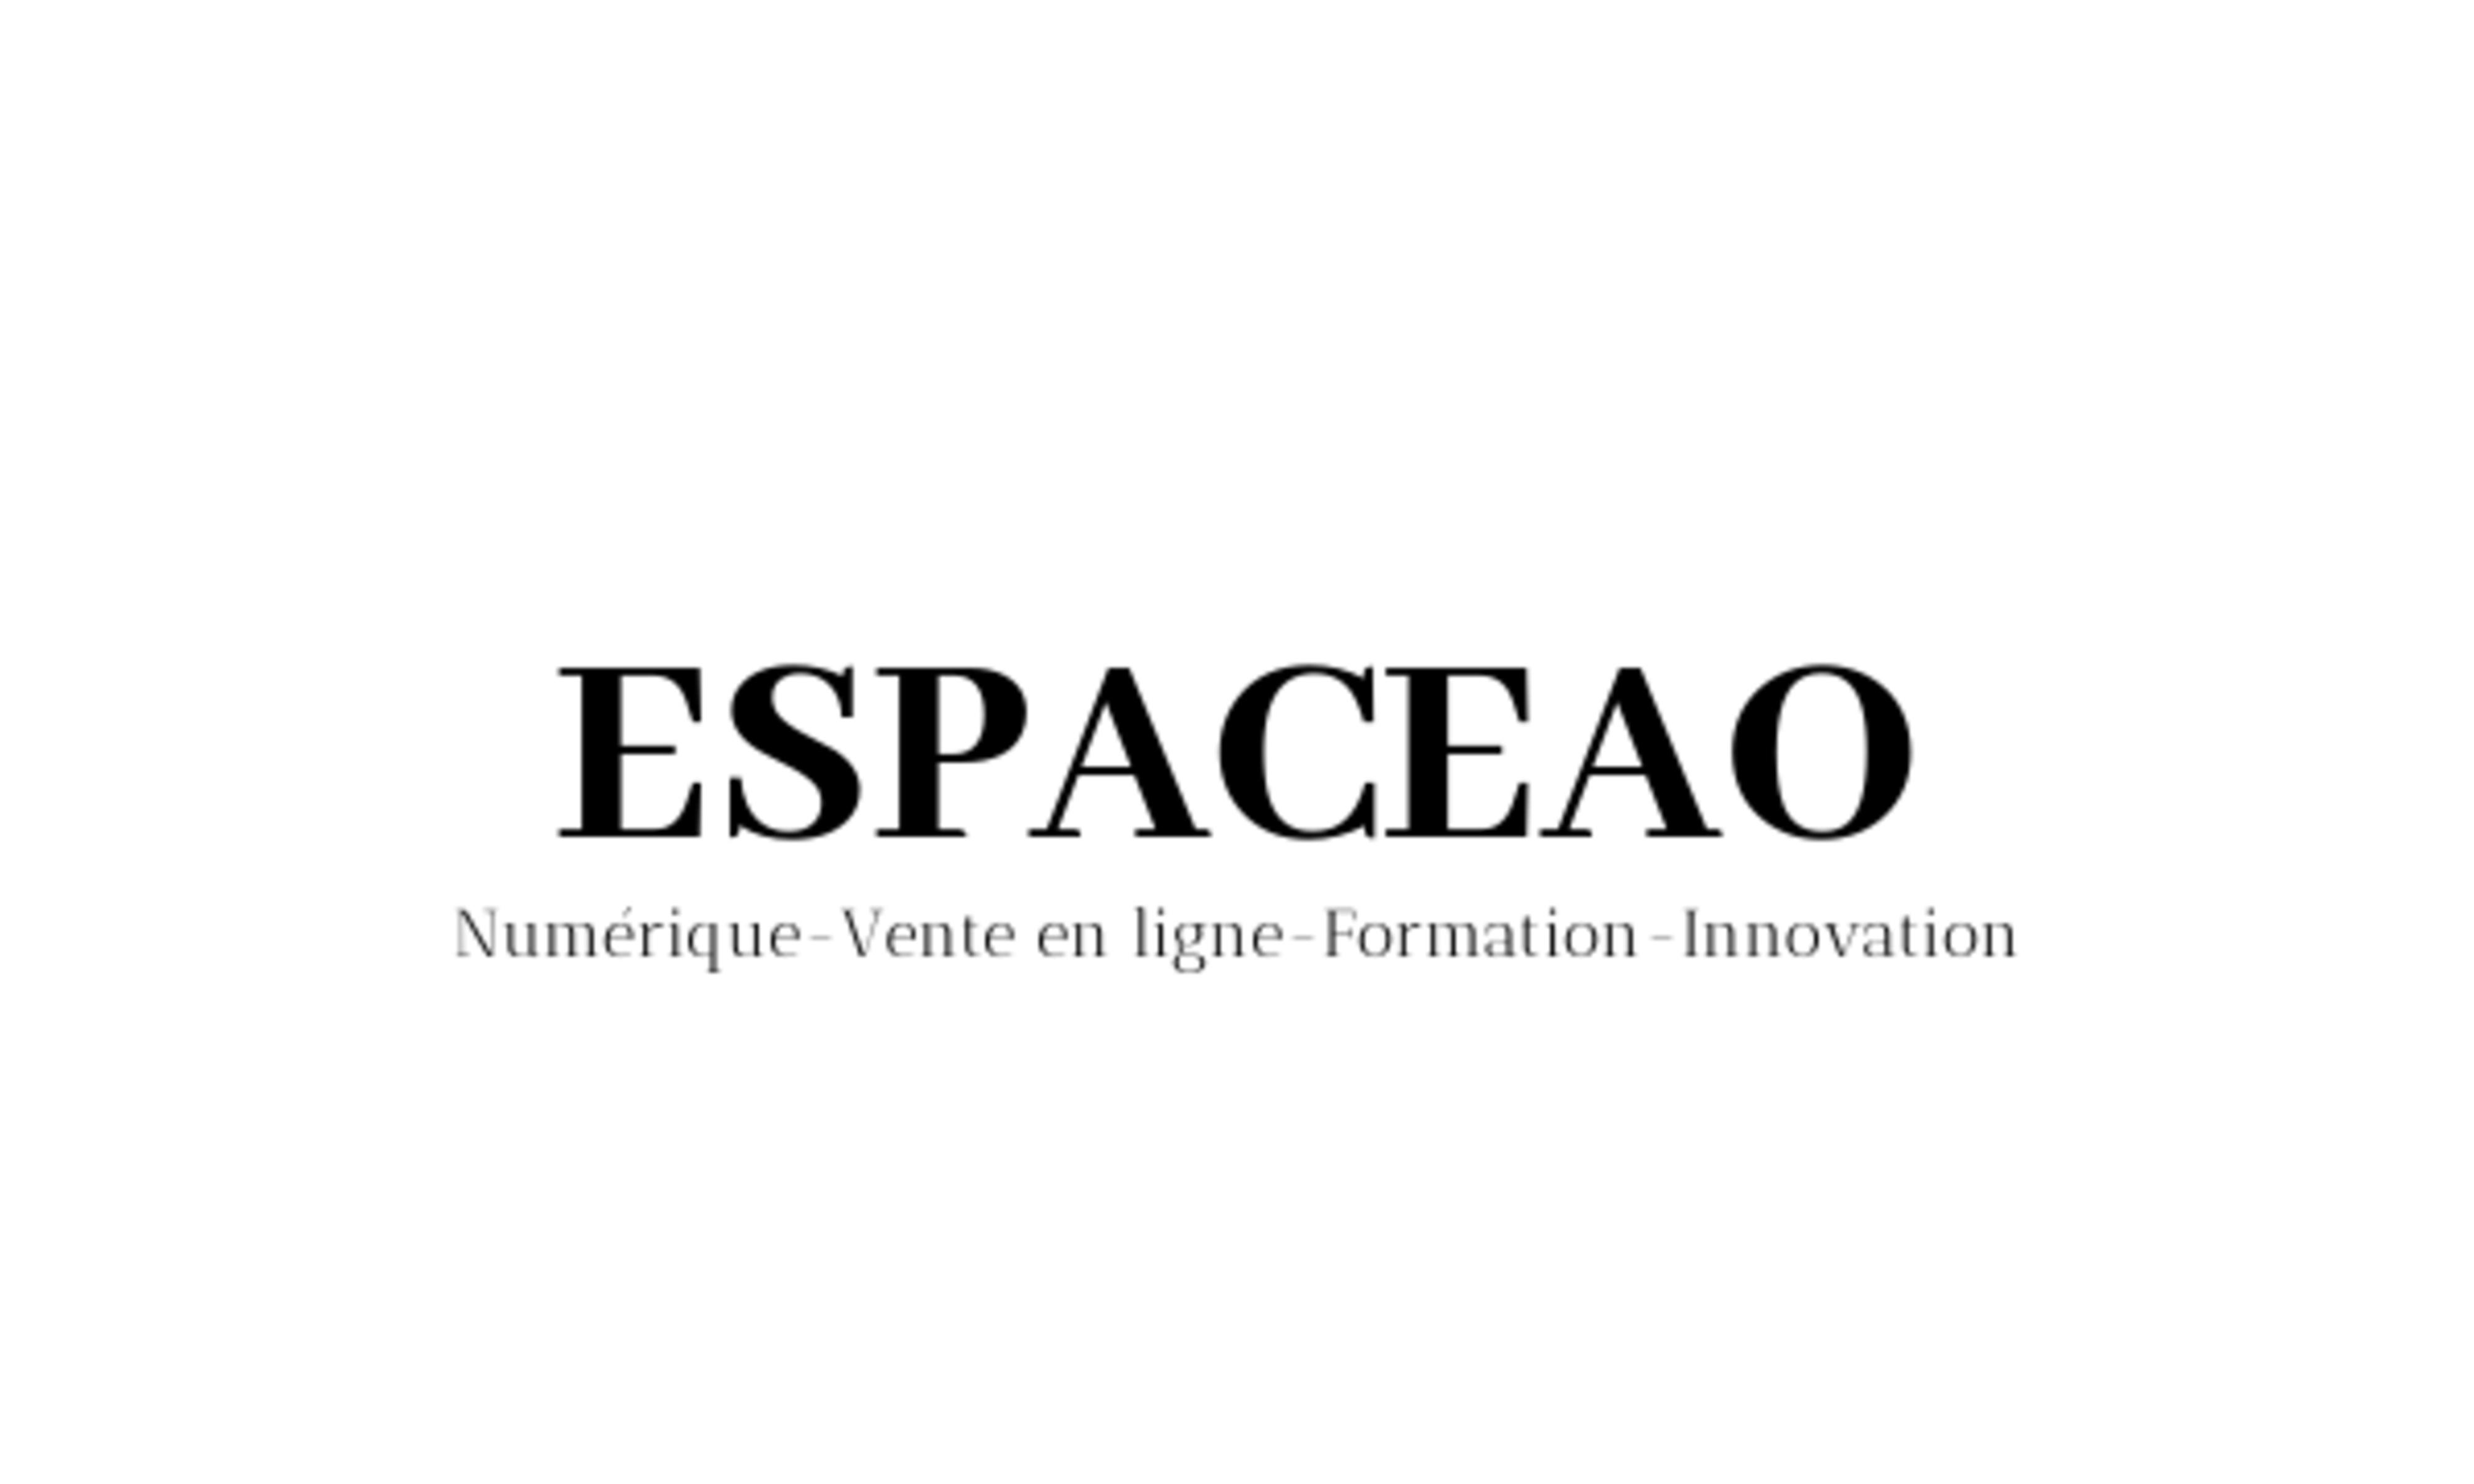 EspaceAO